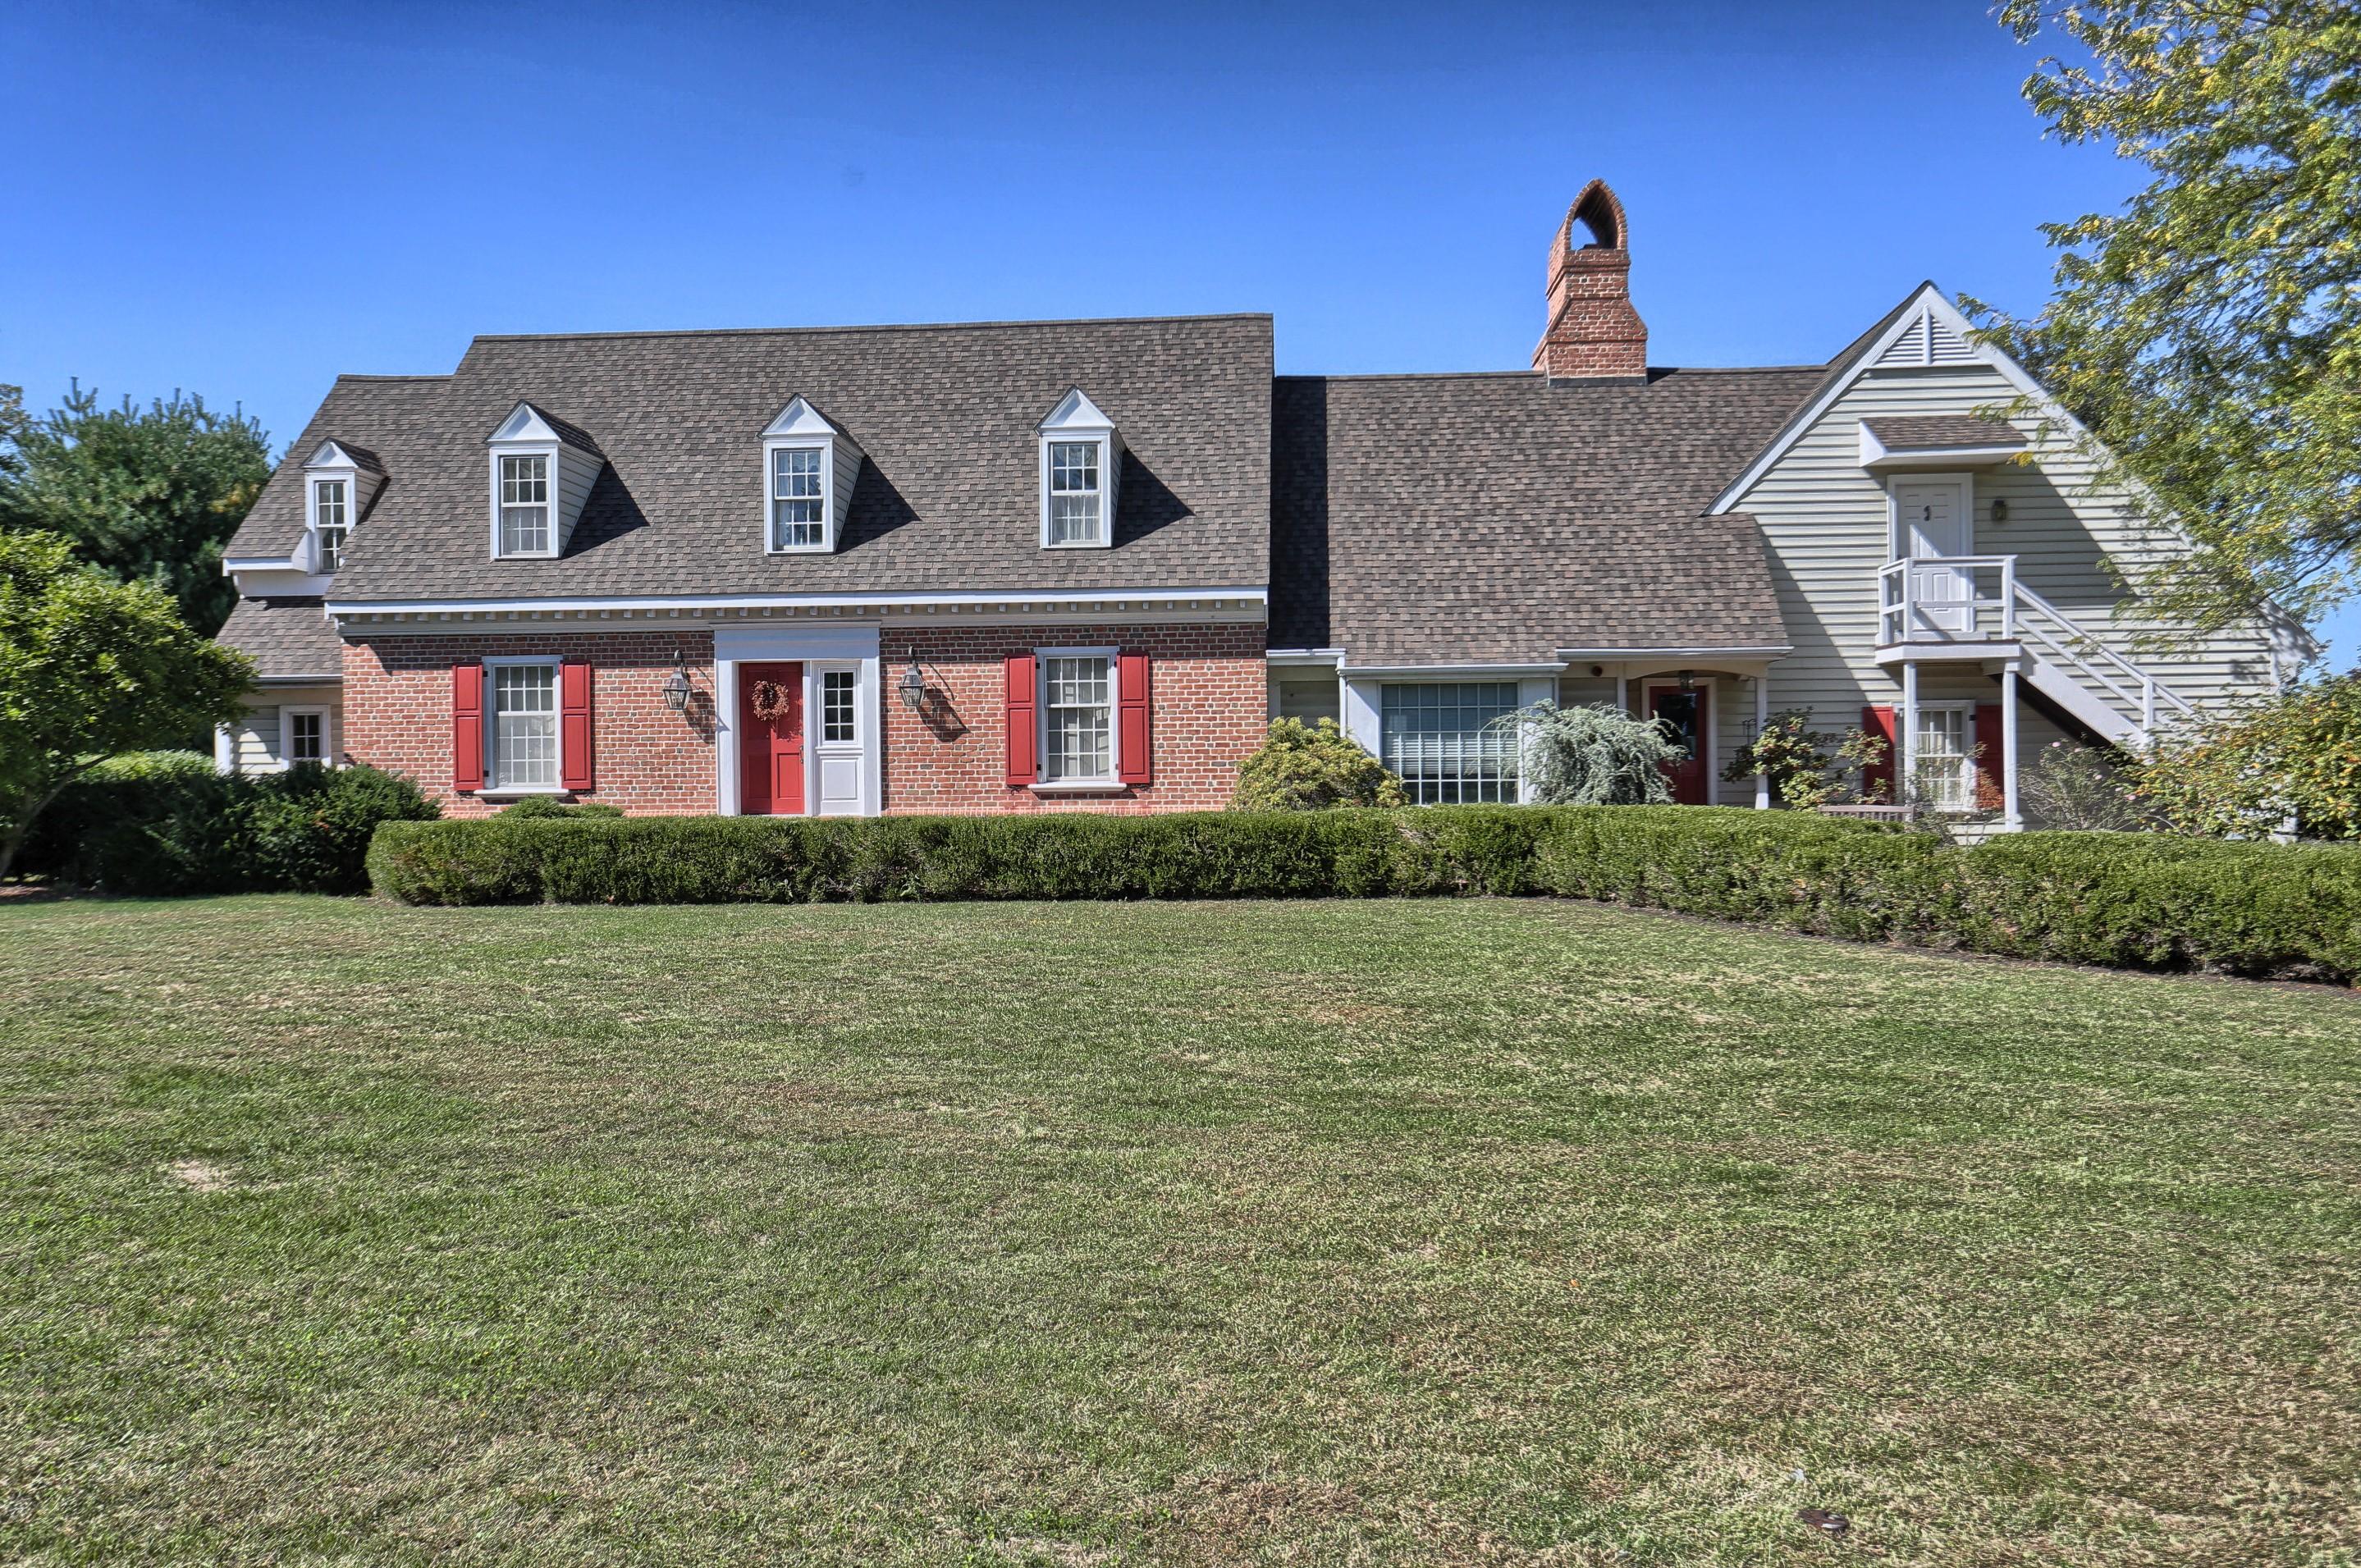 独户住宅 为 销售 在 714 Buckwood Lane 立提兹市, 17543 美国